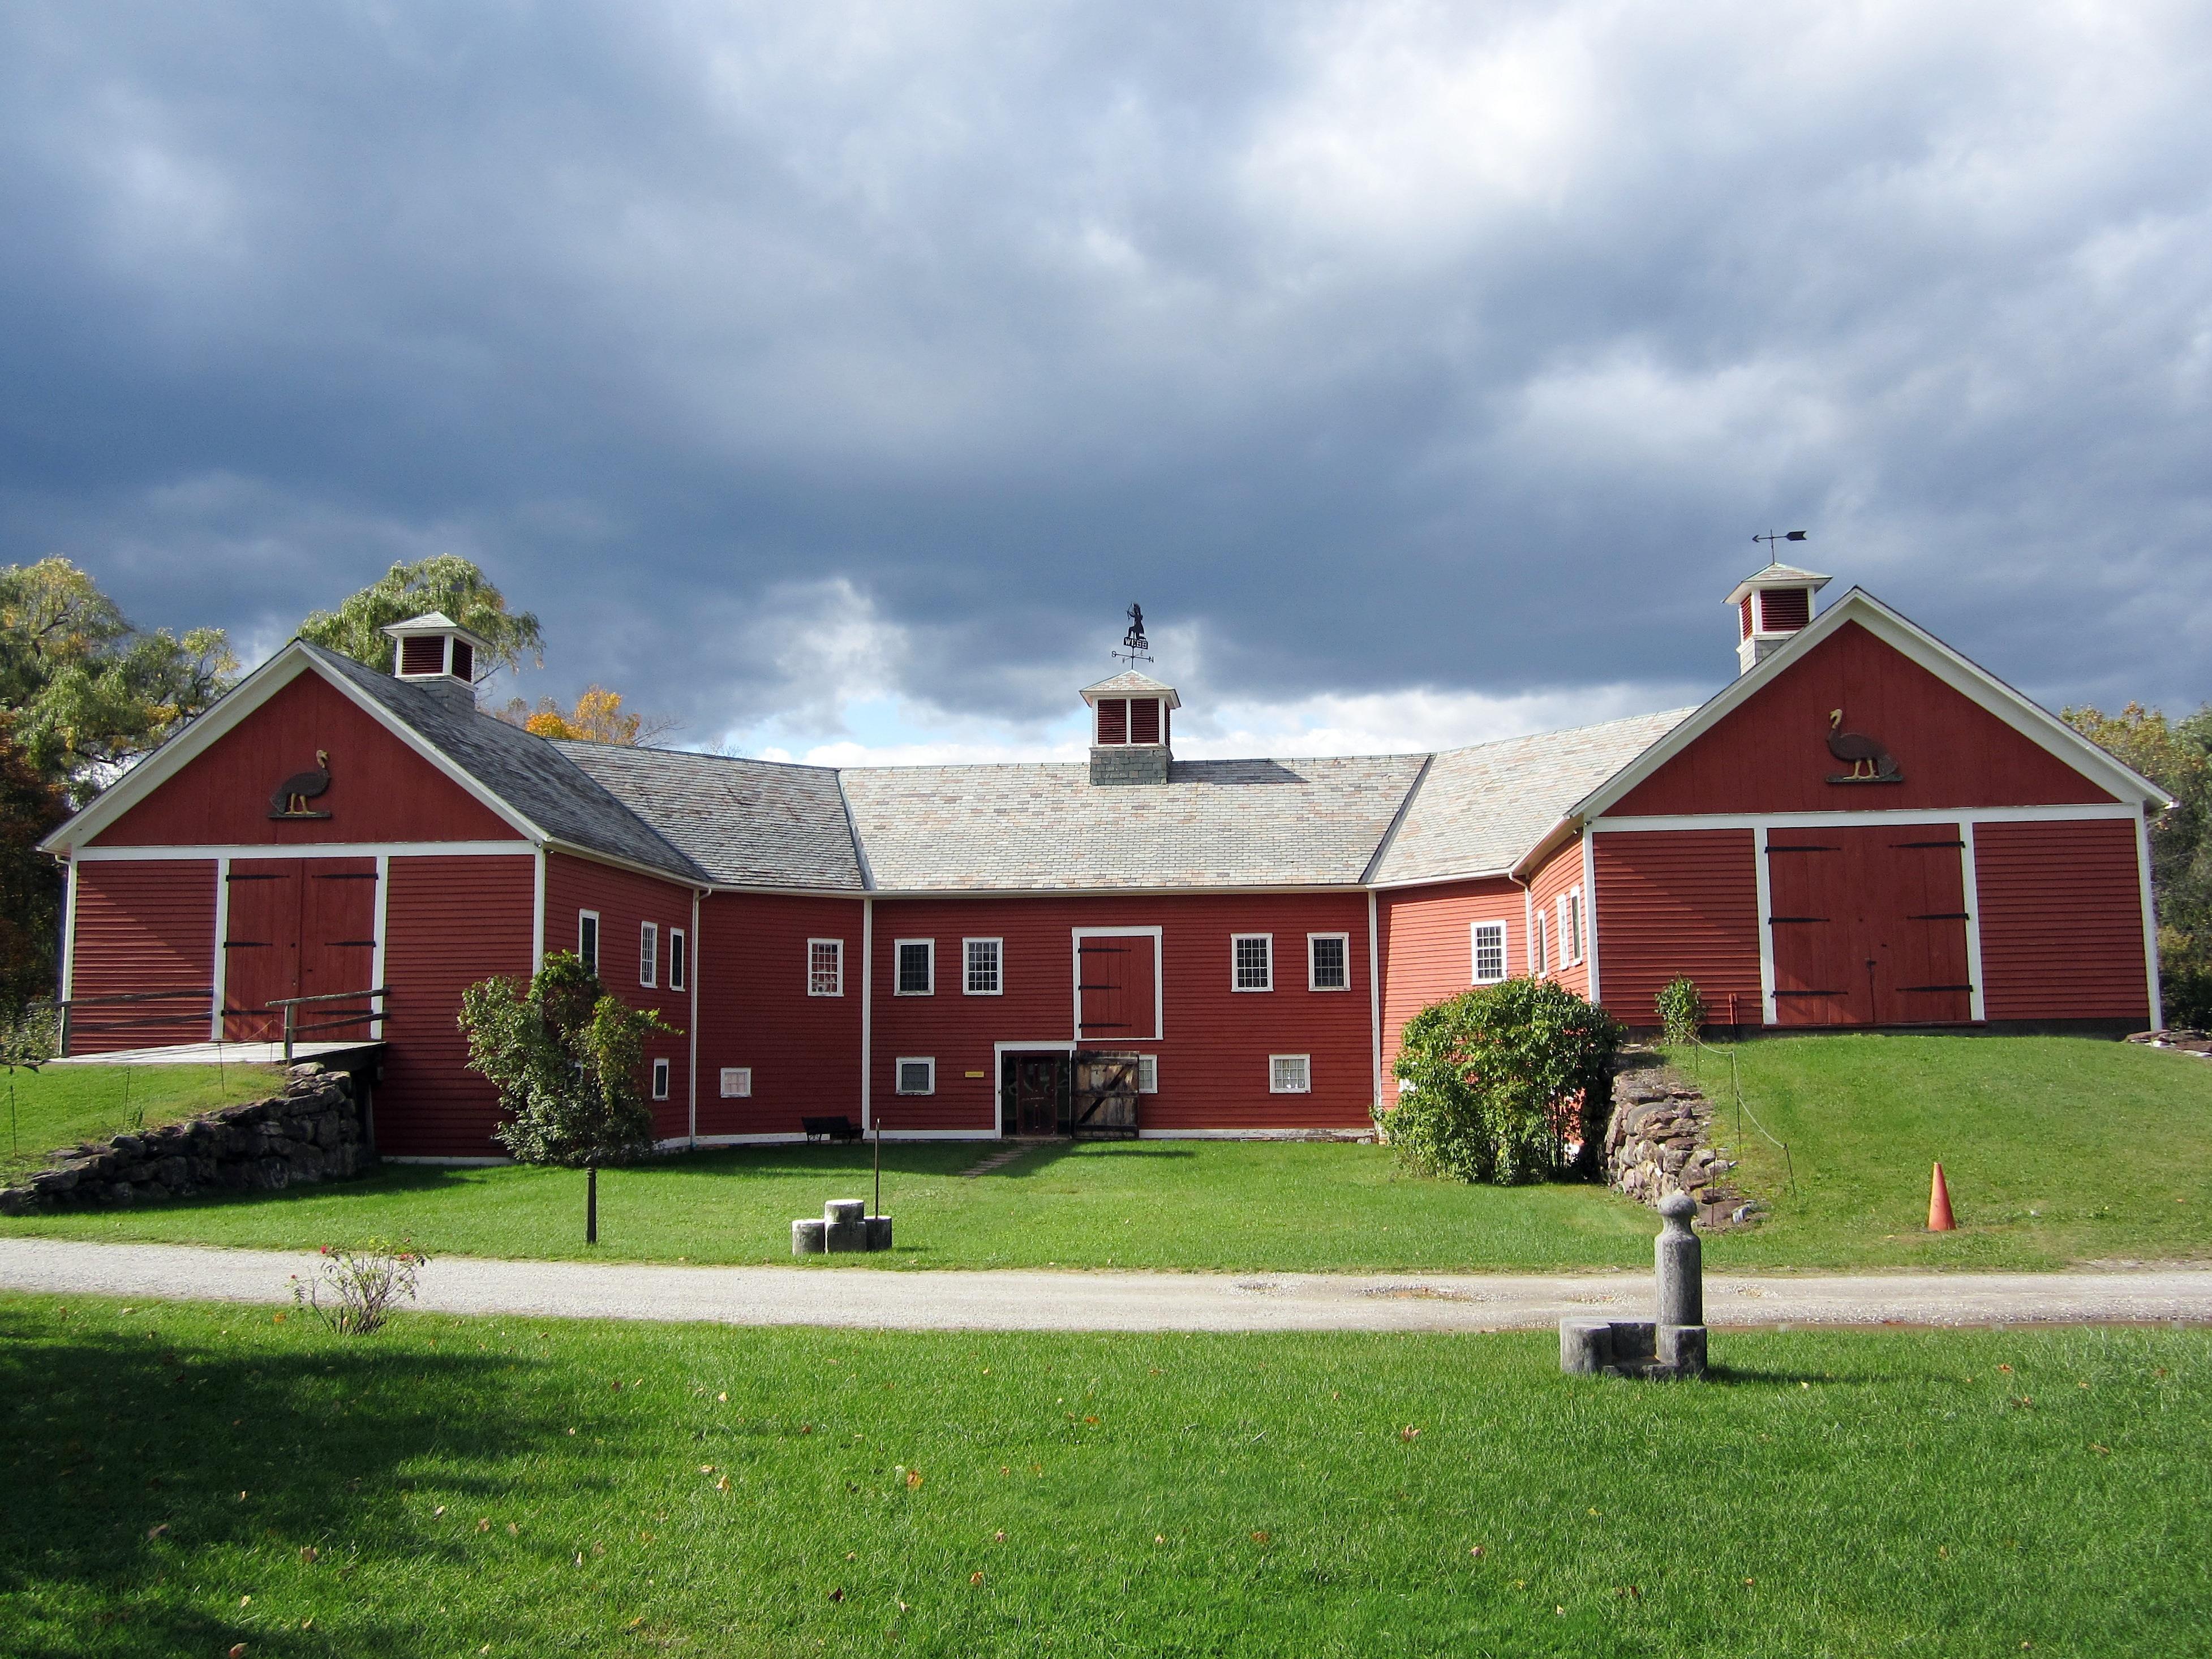 Free Images : landscape, nature, grass, architecture, farm, lawn